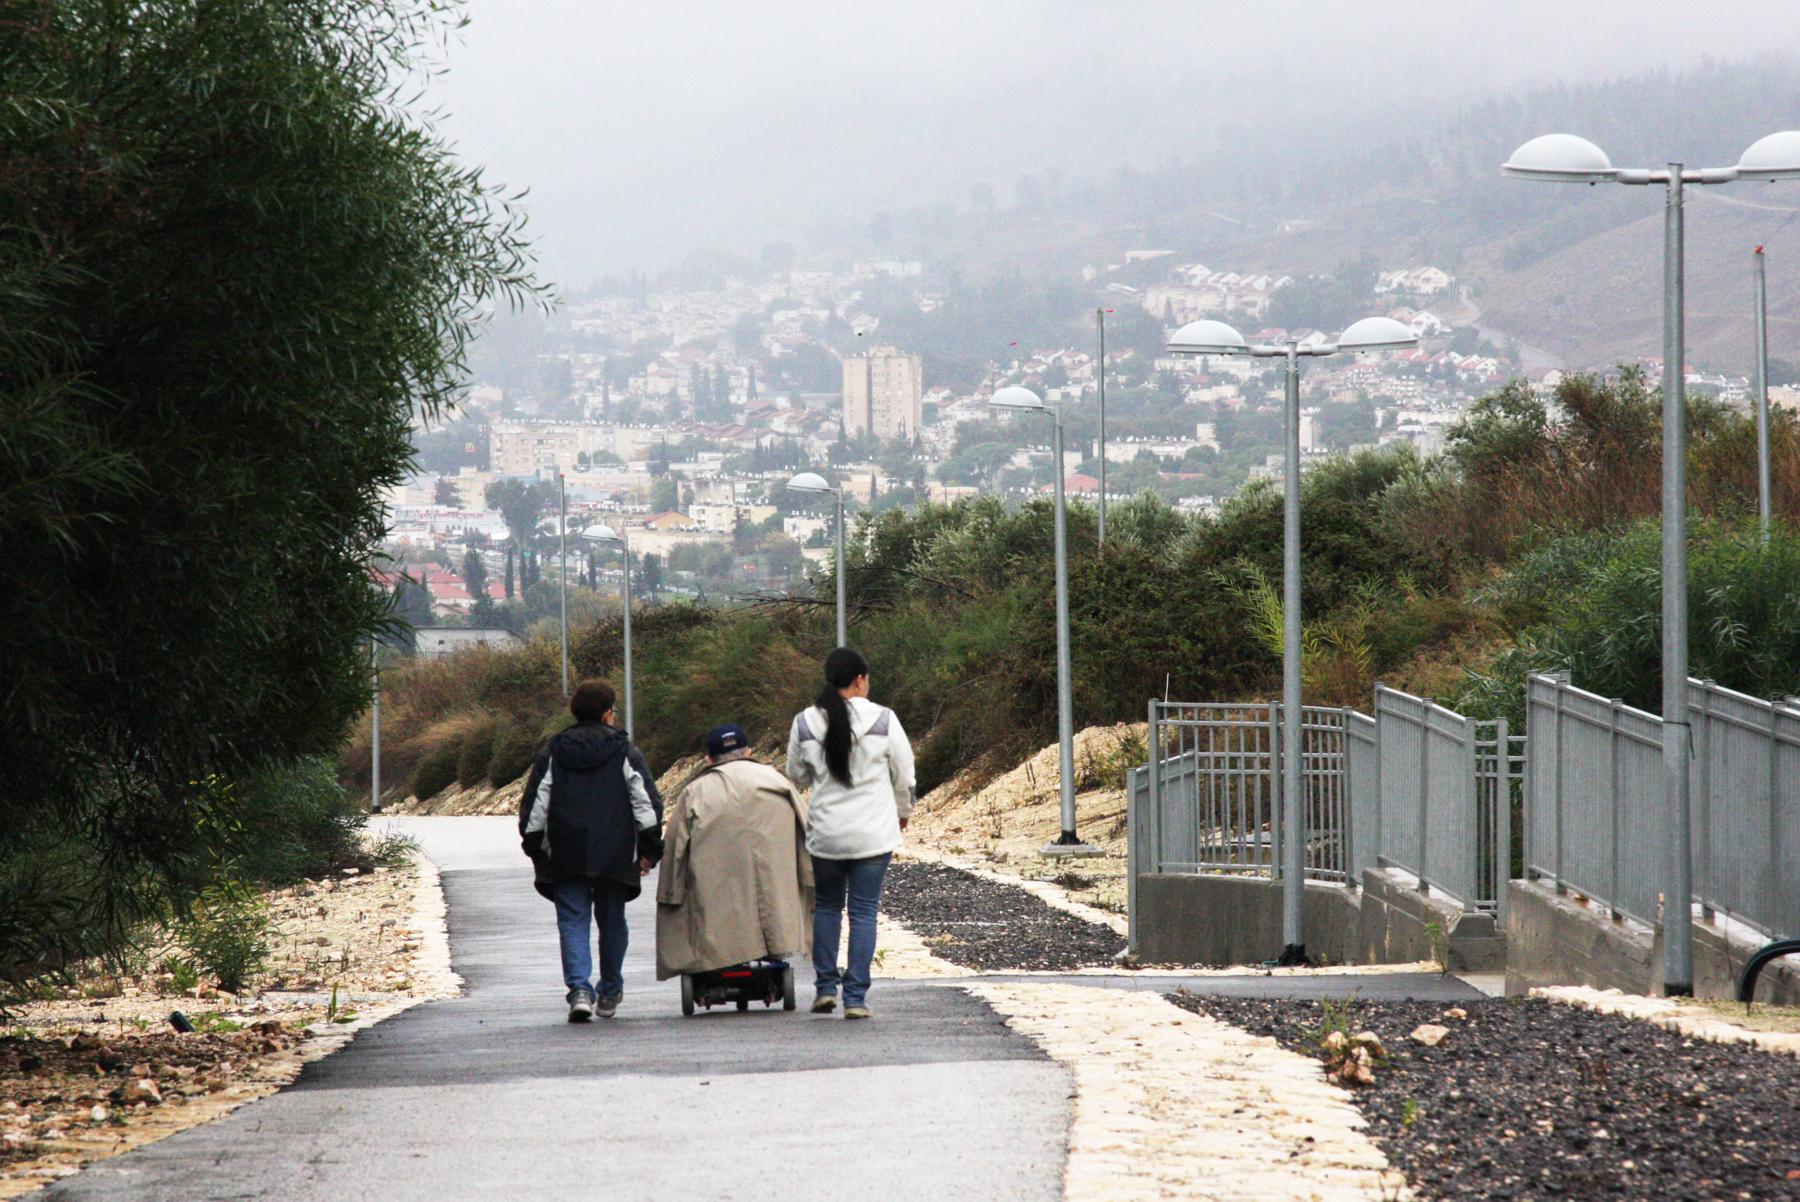 Personas caminando en un sendero con vista de una ciudad al fondo (© Shmuel Bar-Am)